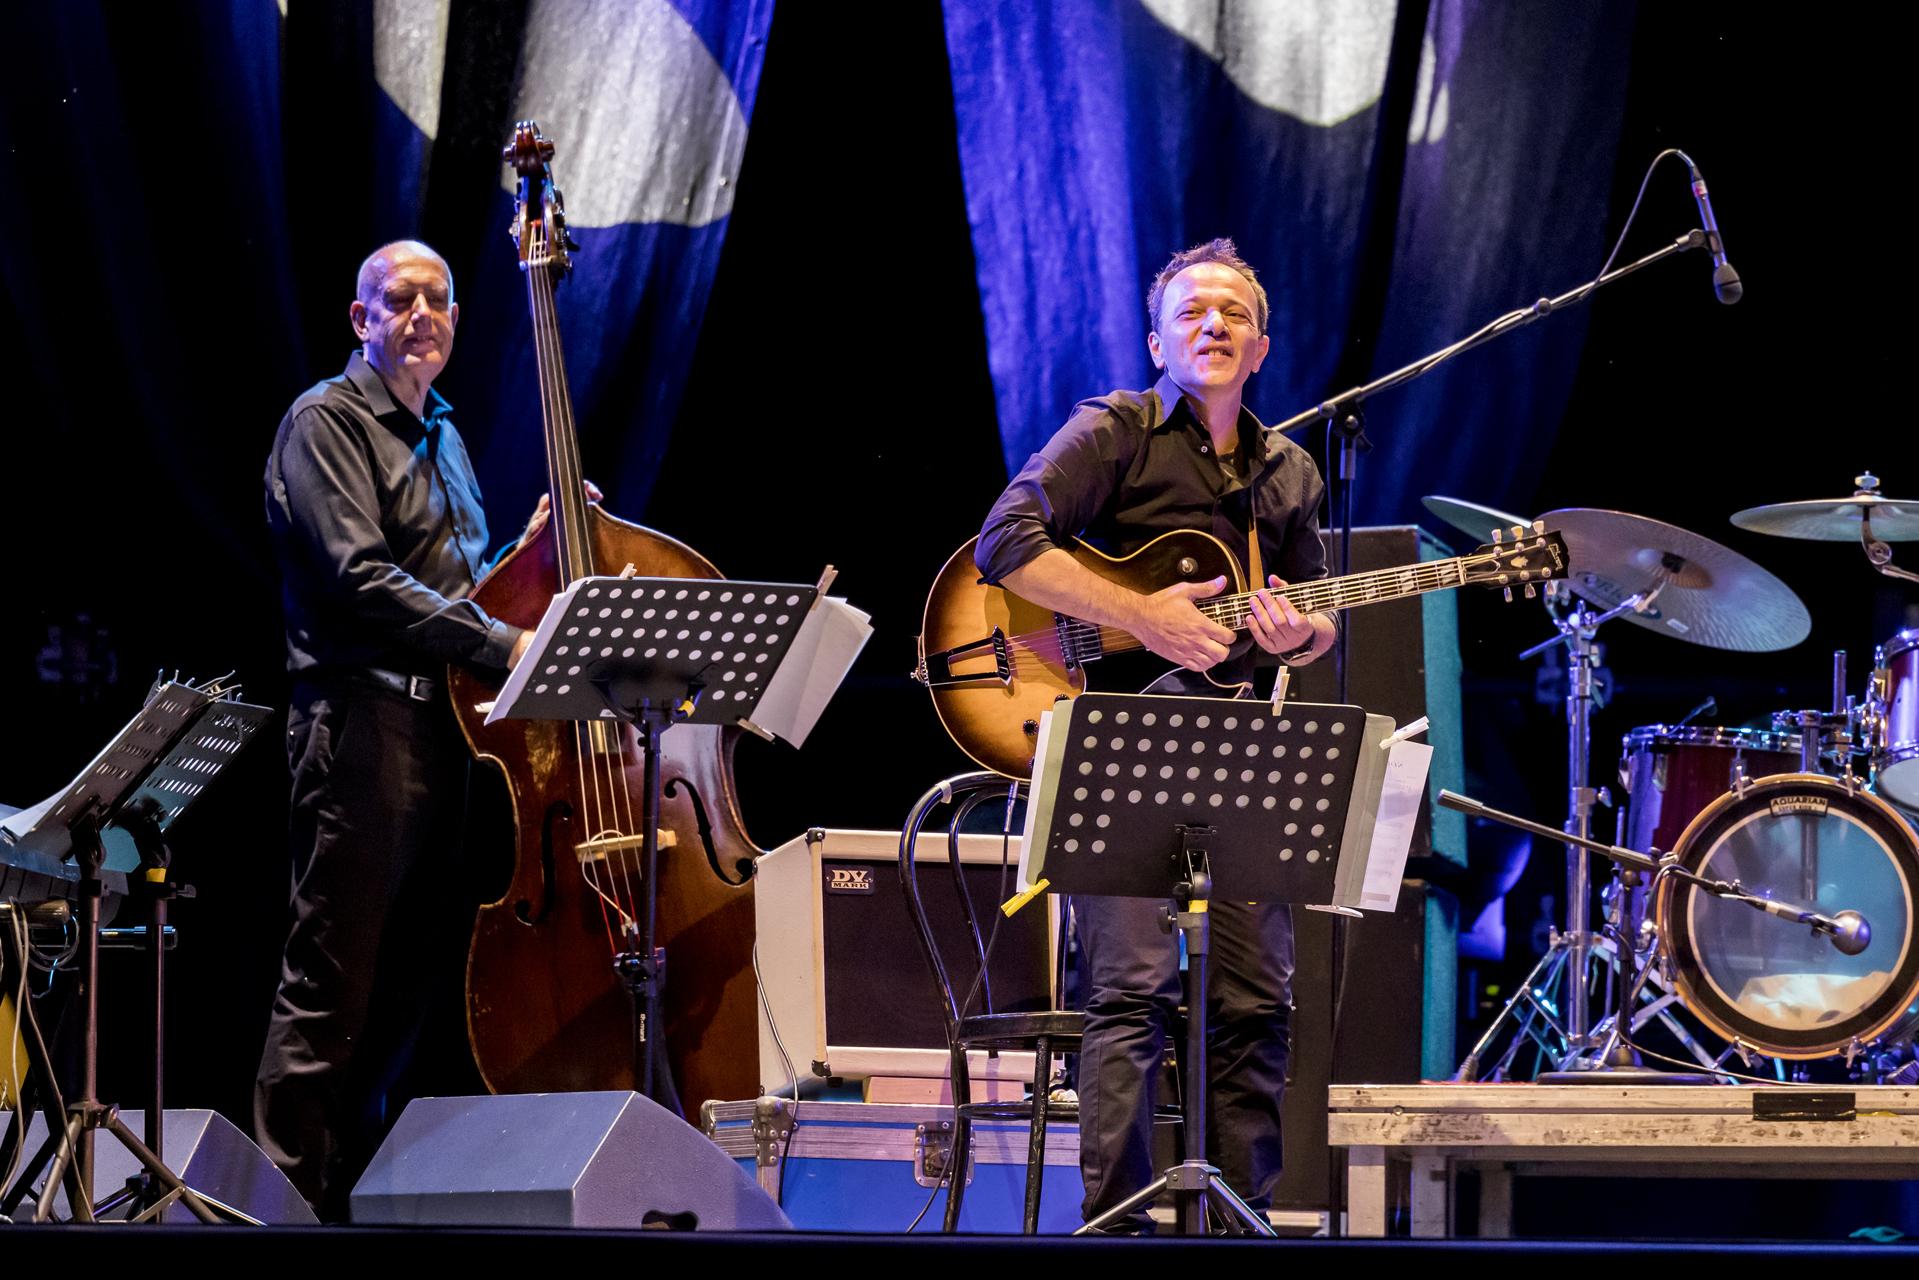 2020_08_05-Monday-Orchestra-Sforzesco-©-Luca-Vantusso-215319-EOS50156